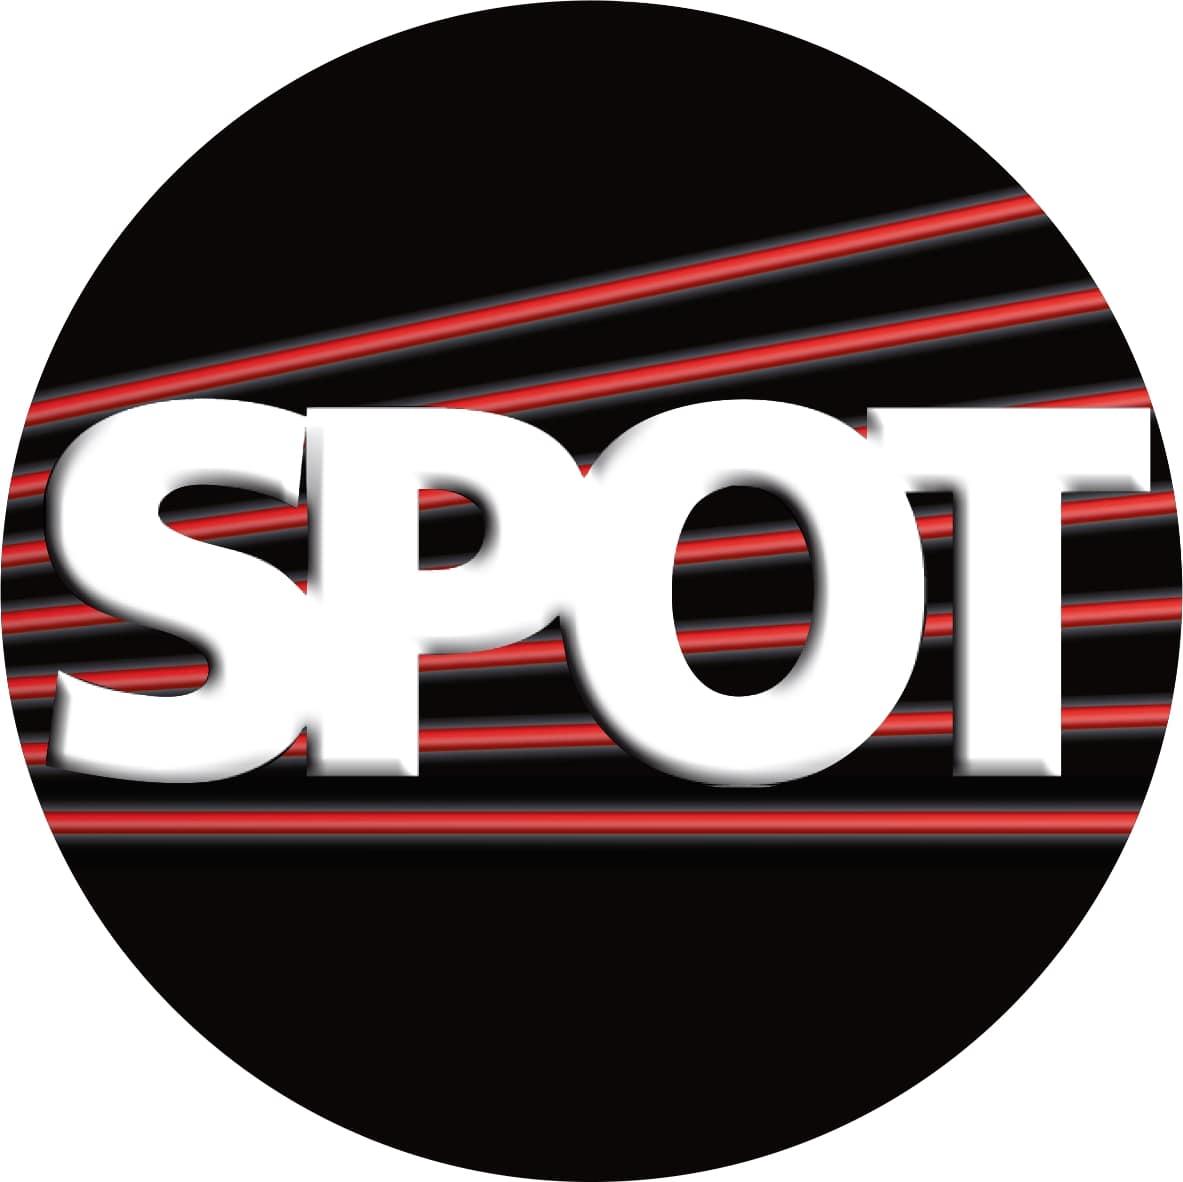 Logo der SPOT Elektroanlagen GmbH